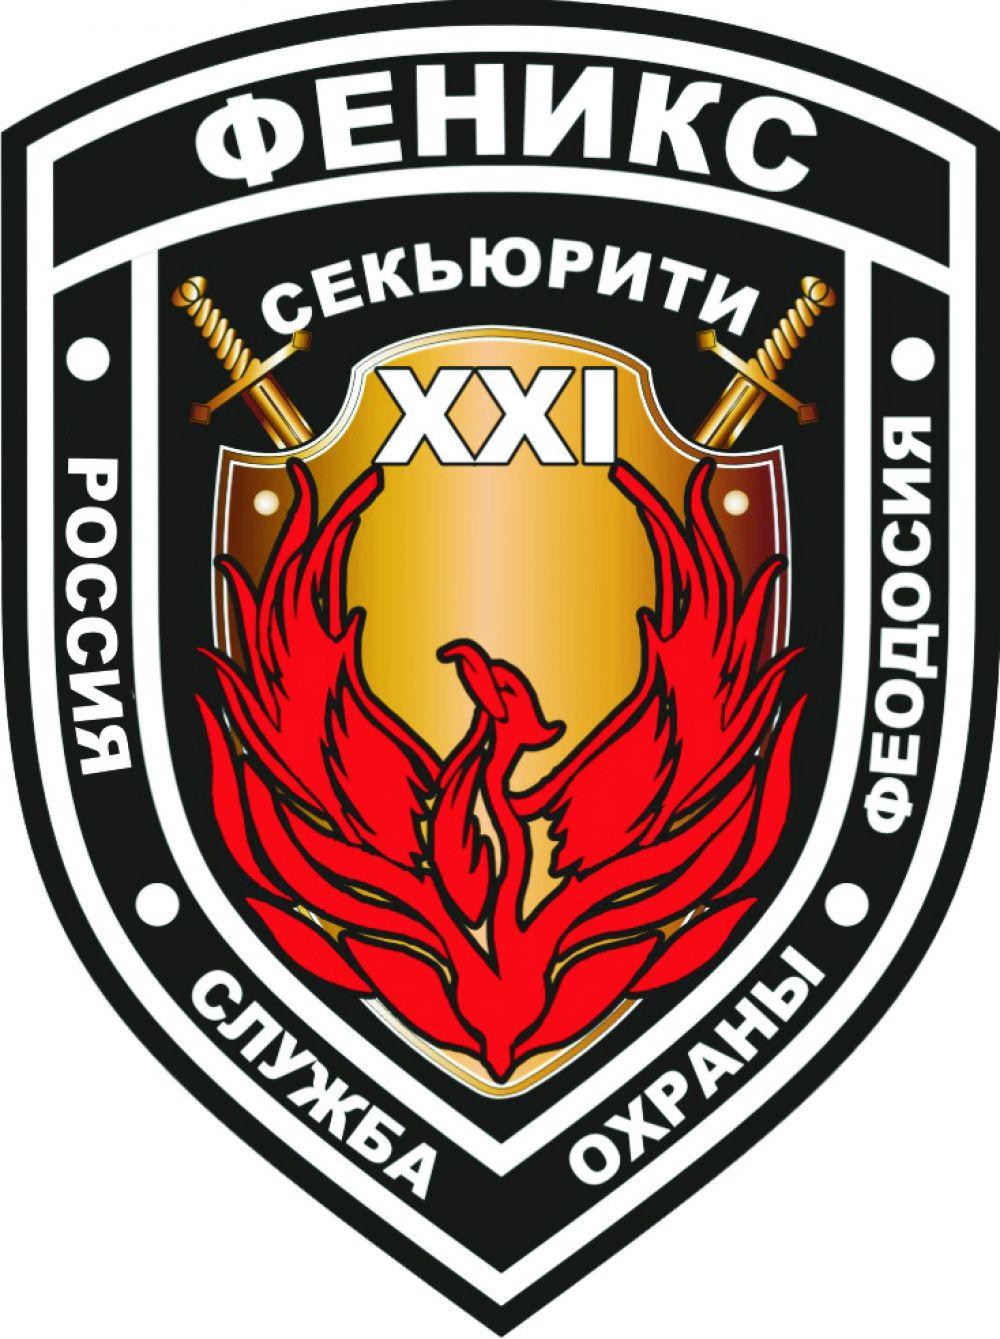 Охранное агентство «Феникс Секьюрити XXI»